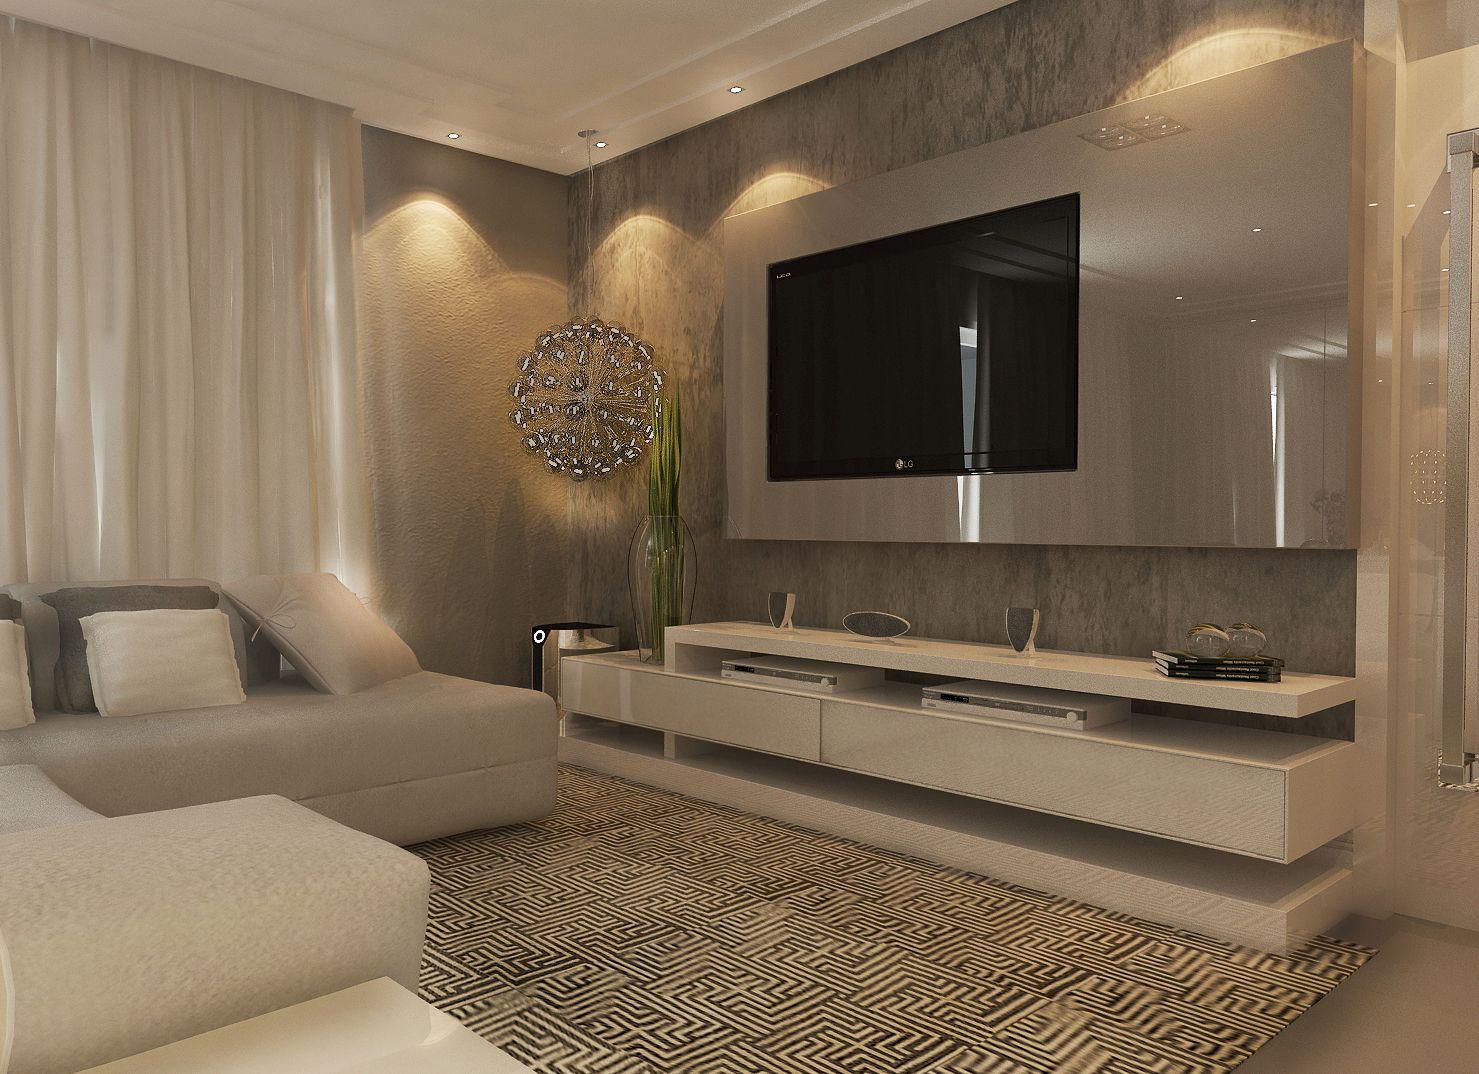 O painel de vidro acomoda o televisor de forma elegante - Decoracion rustico moderno ...